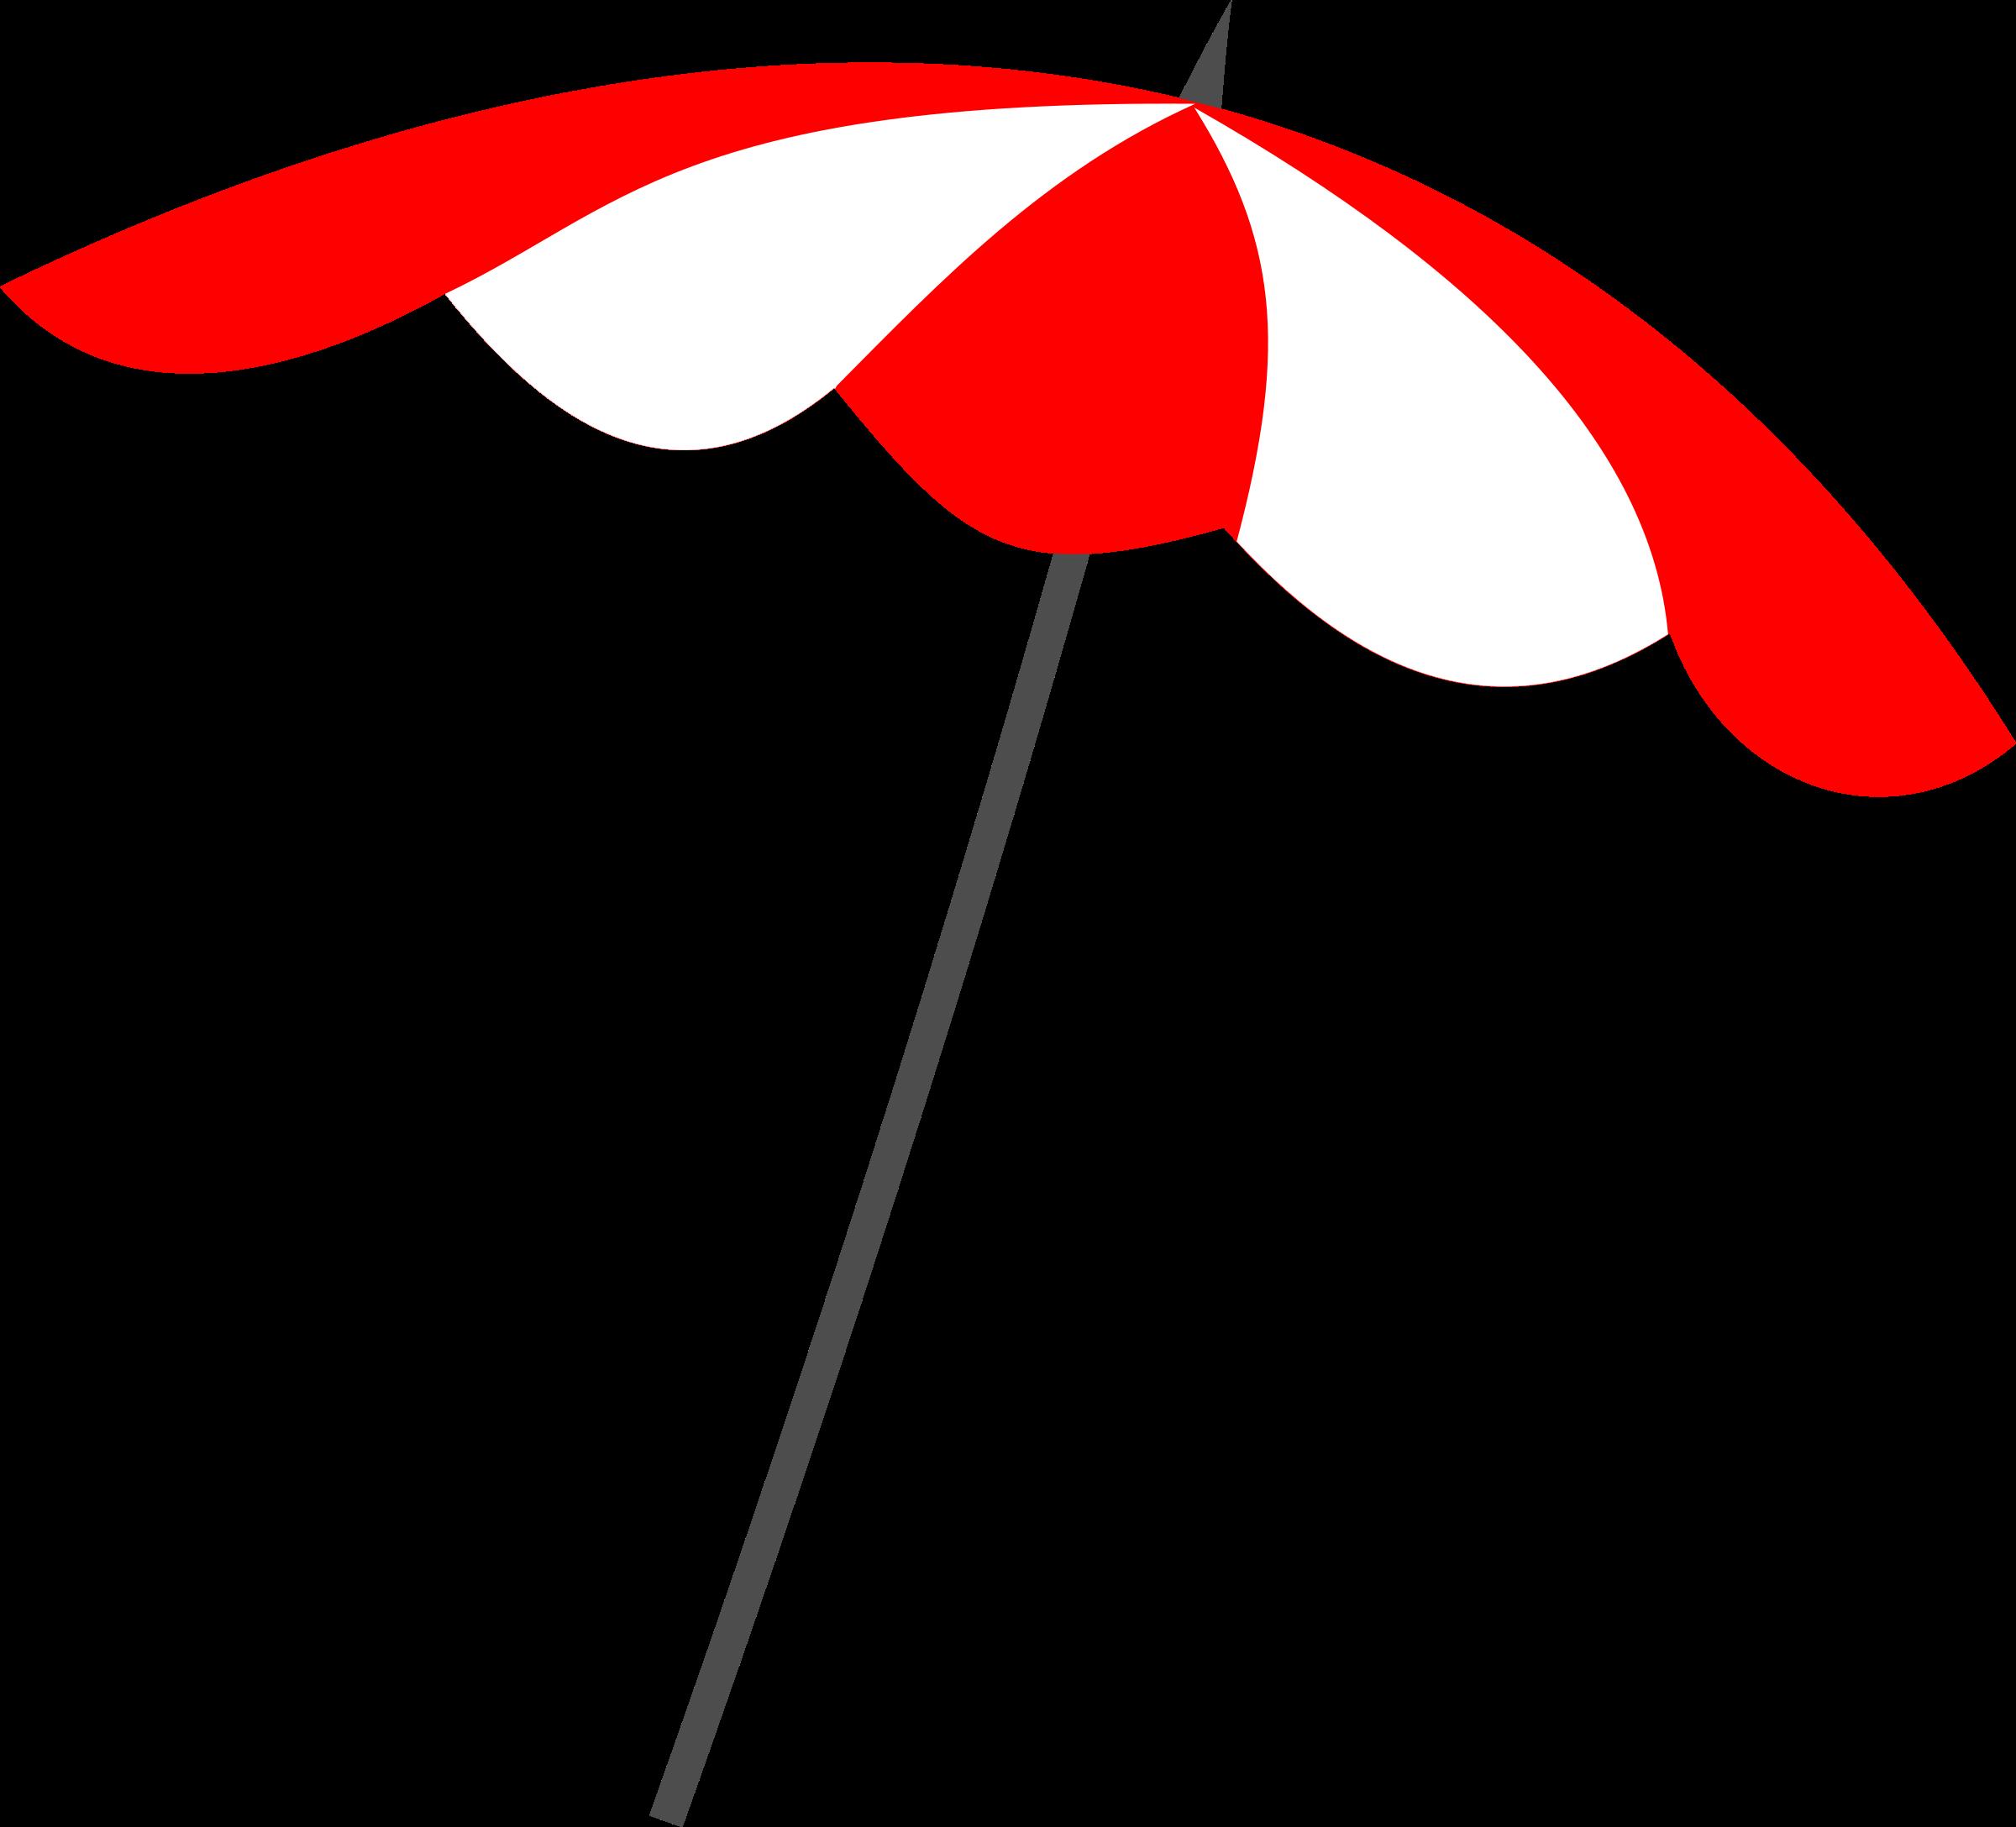 Travel clipart beach Beach umbrella Clipart umbrella Beach